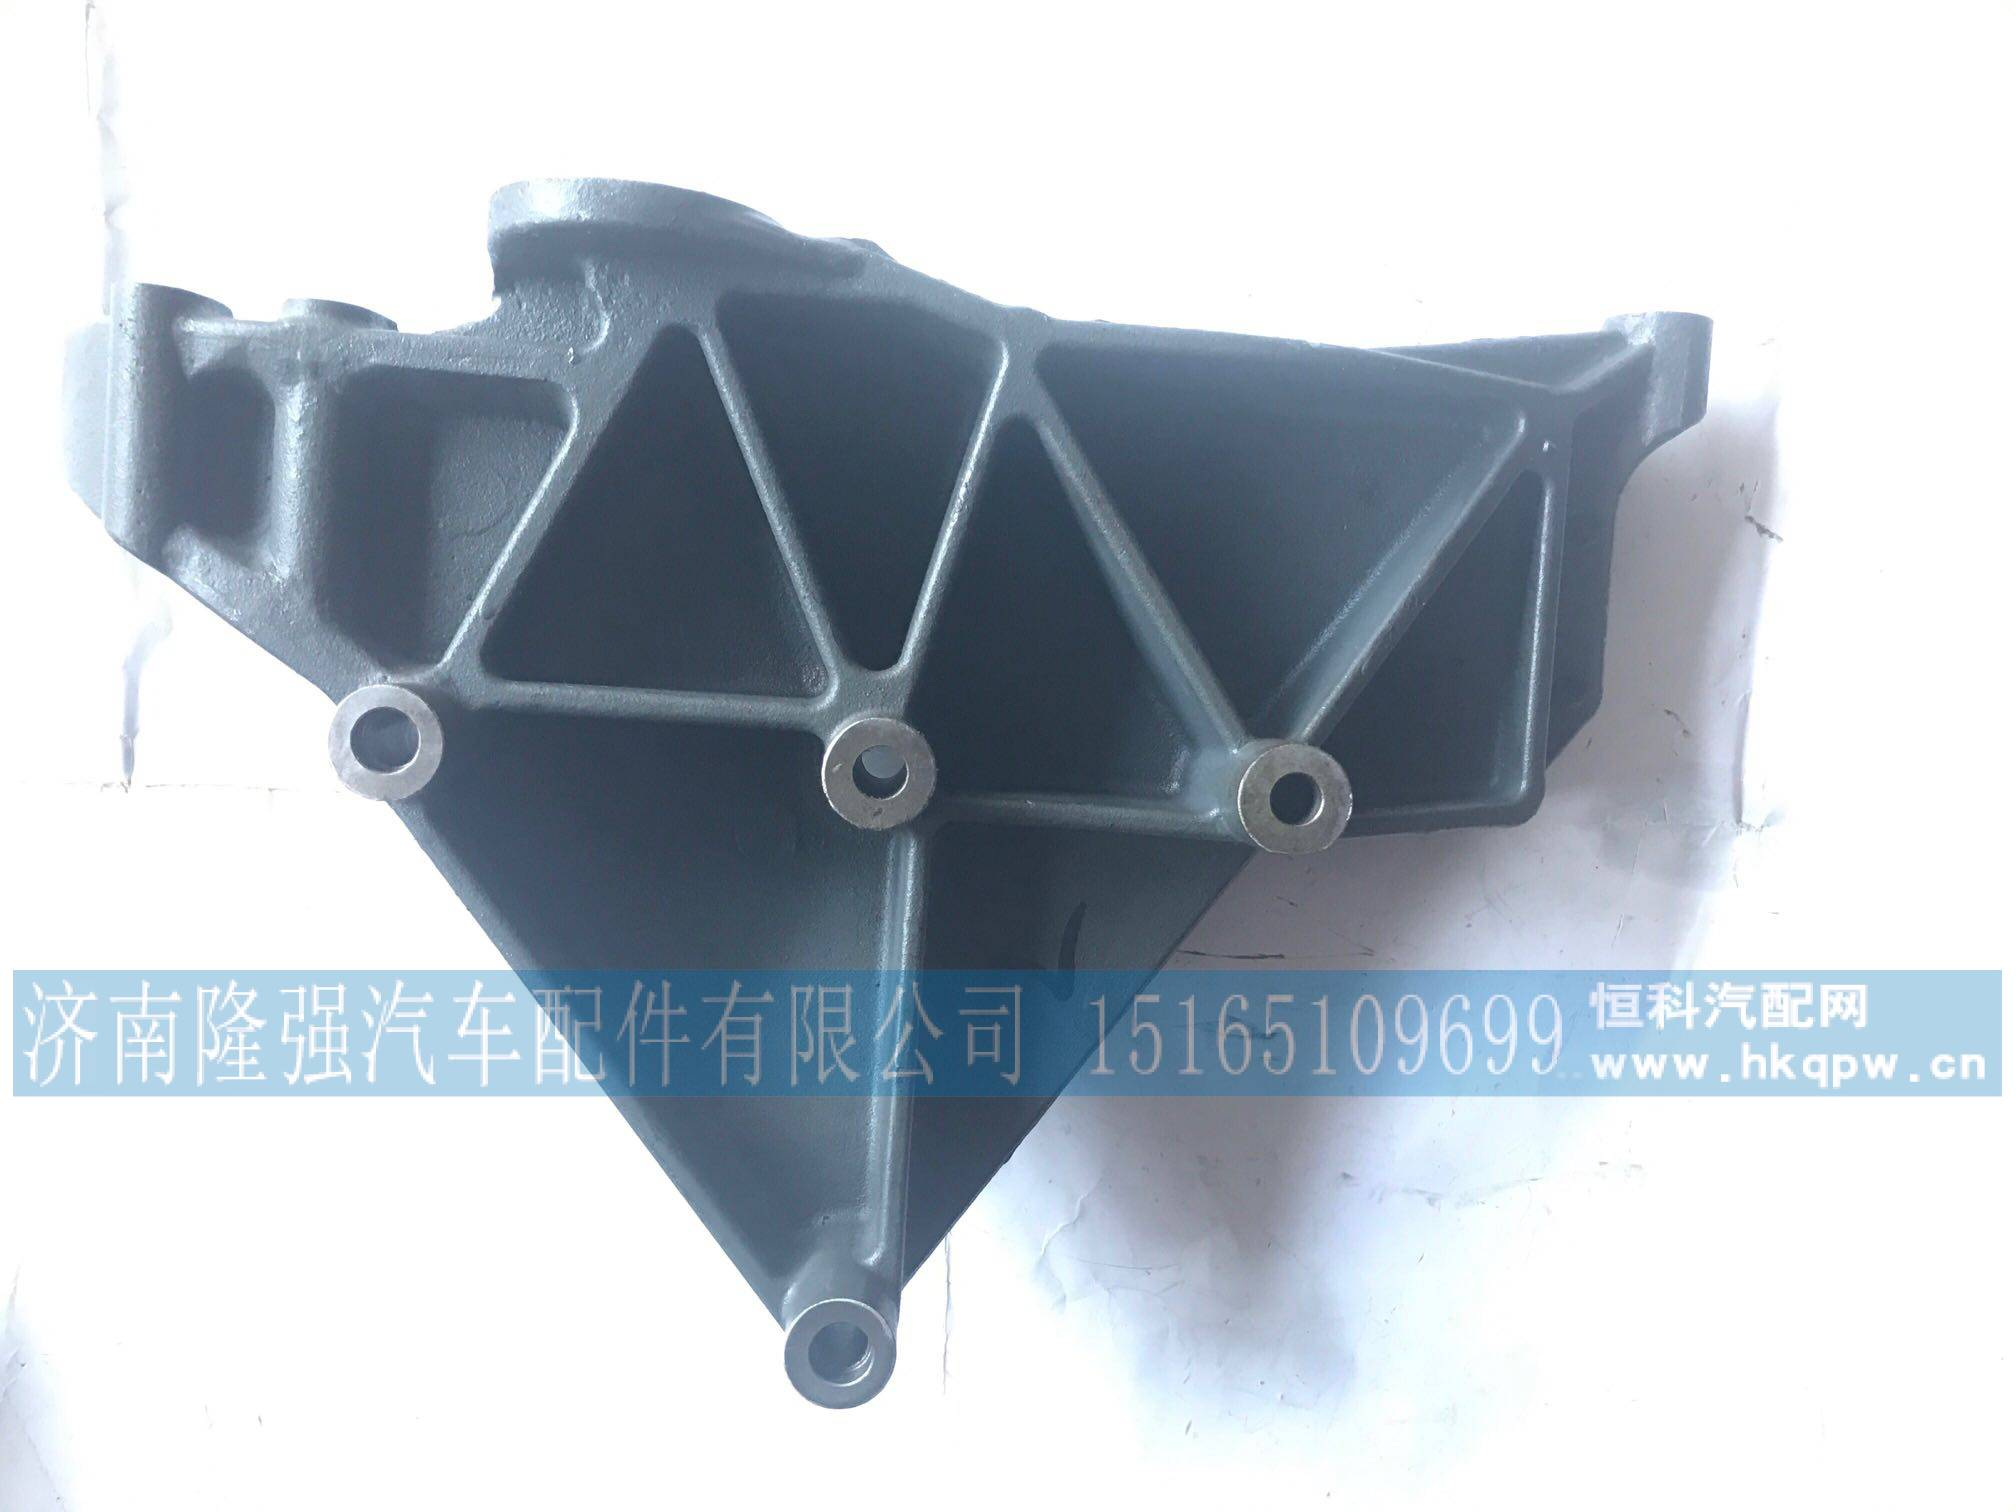 潍柴动力WP12/WP13发动机发电机支架612640060245/612640060245